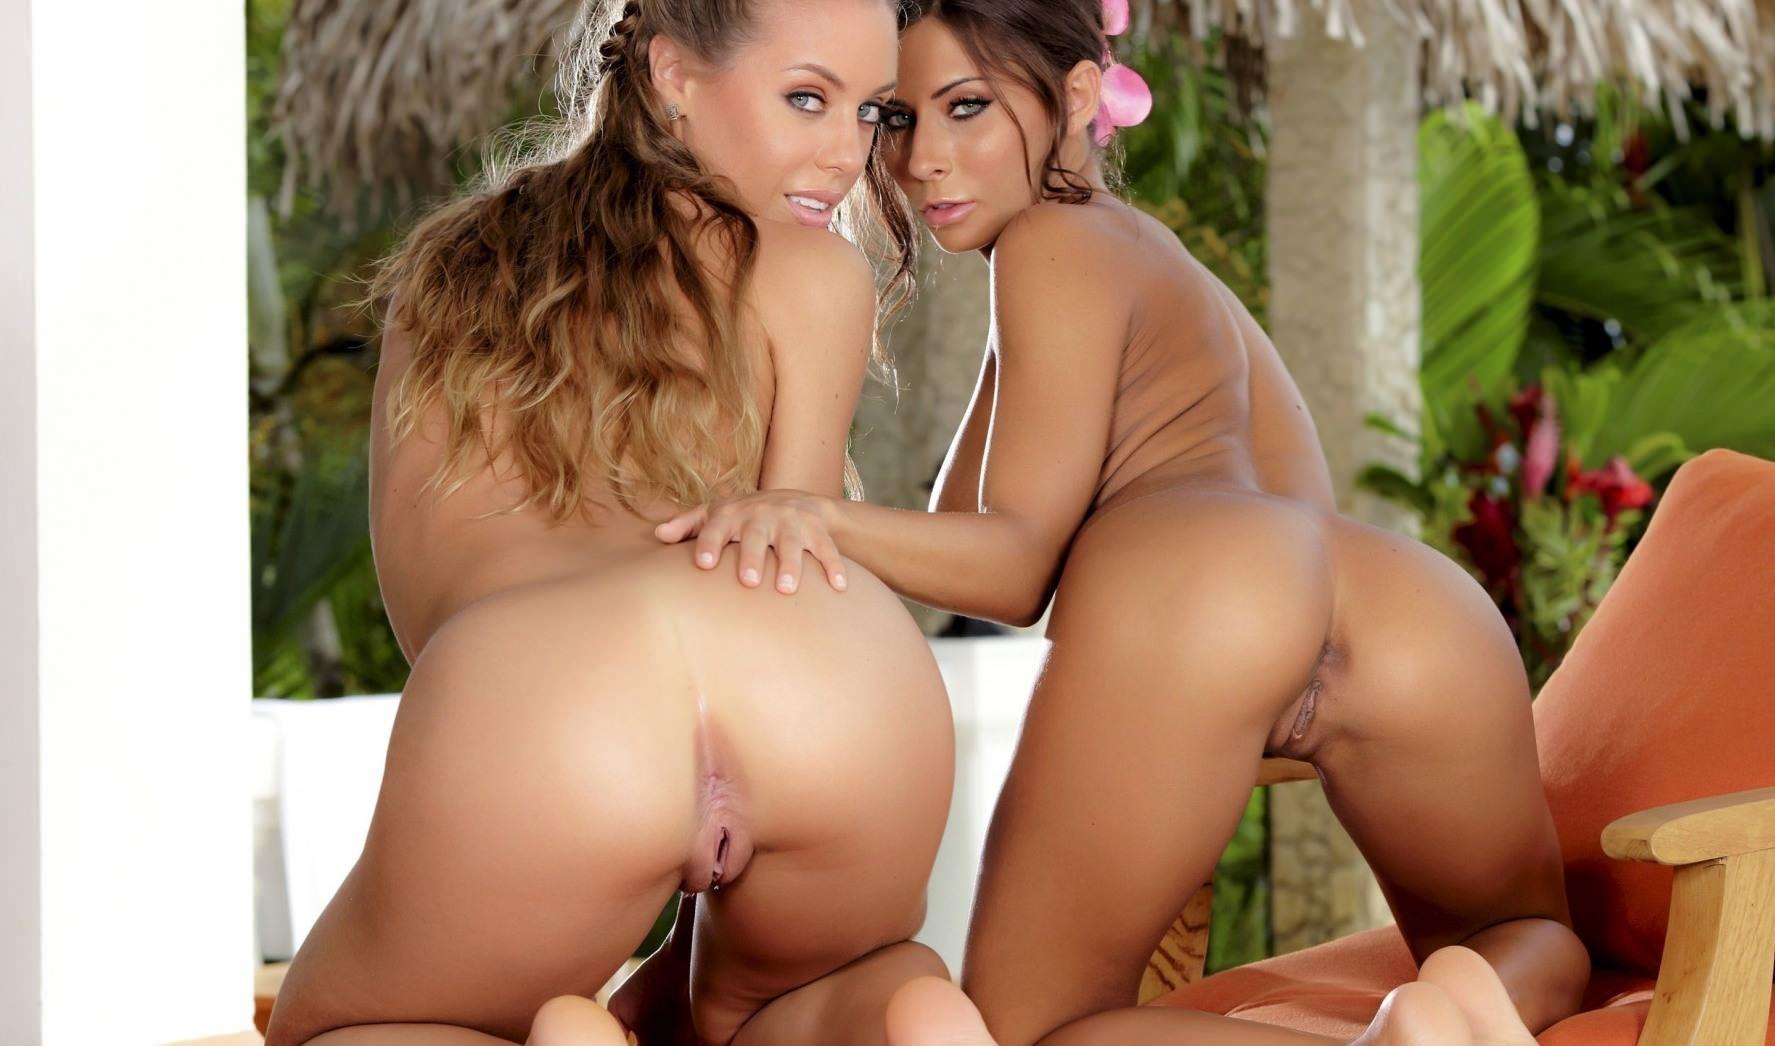 Фото Две голые девушки демонстрируют свои чудесные попки на веранде, скачать картинку бесплатно